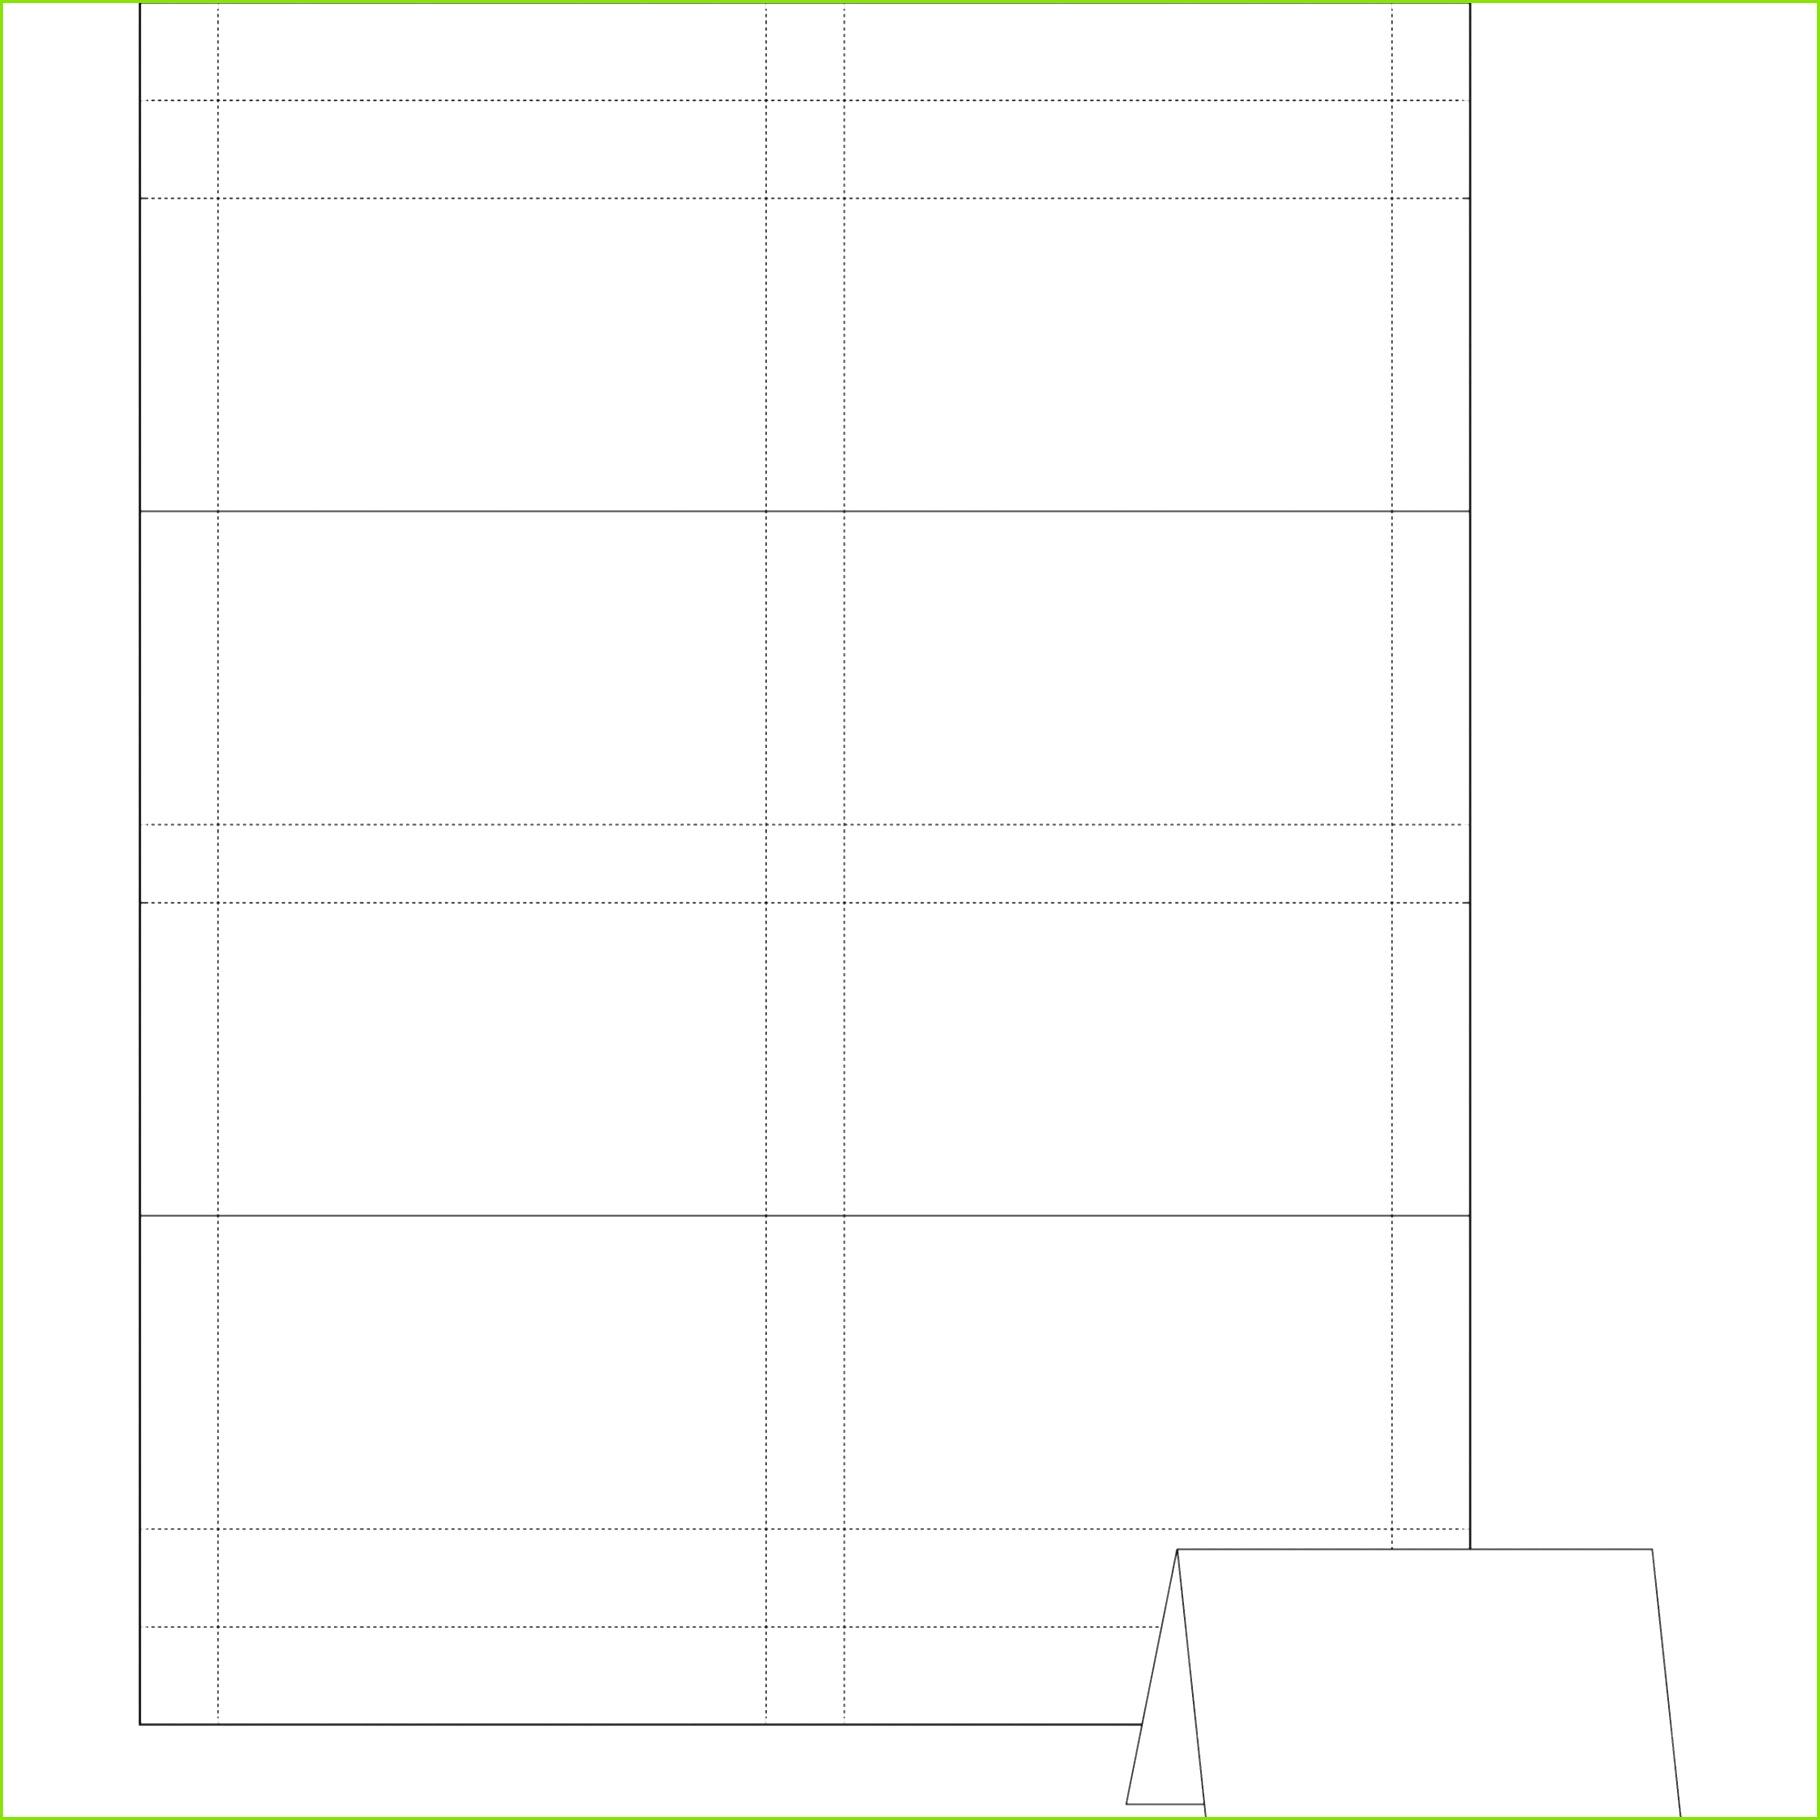 Berühmt Faltwürfel Vorlage Zeitgenössisch Entry Level Resume Vorlagen Sammlung potencialisfo